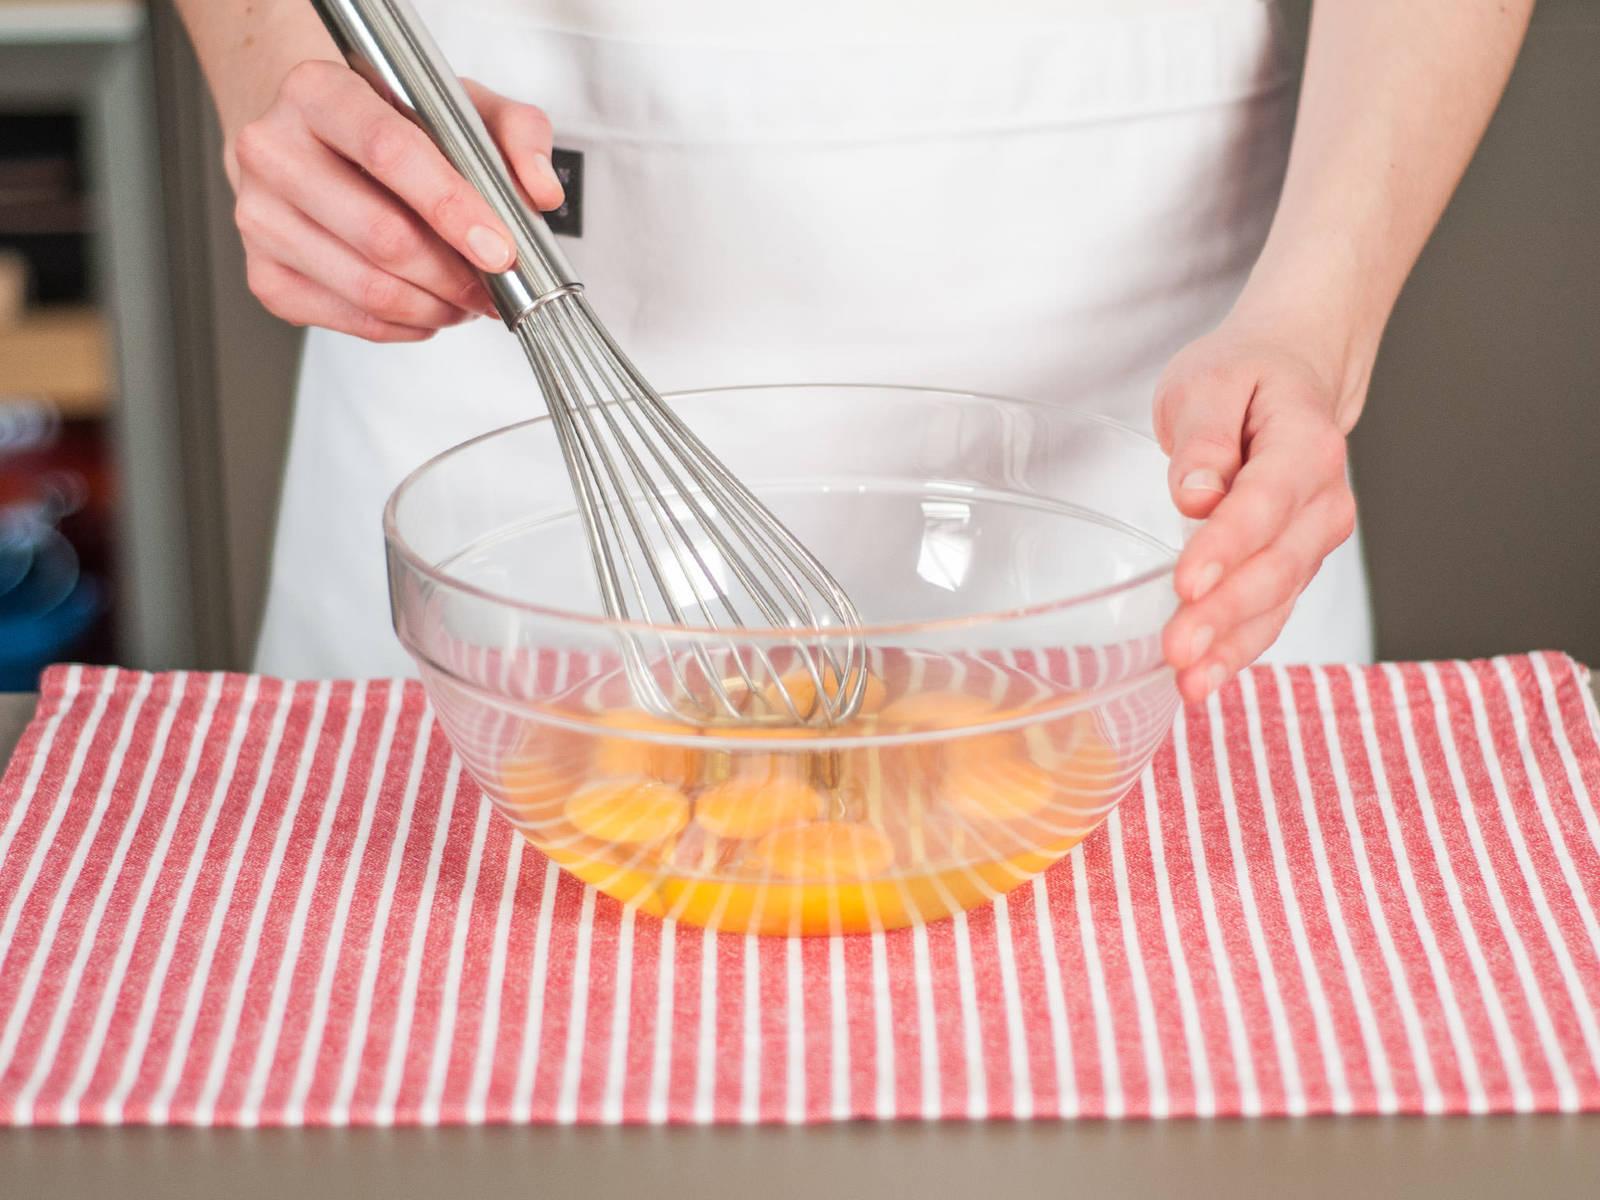 将鸡蛋打入大碗中,搅打均匀,加盐和胡椒粉调味后备用。